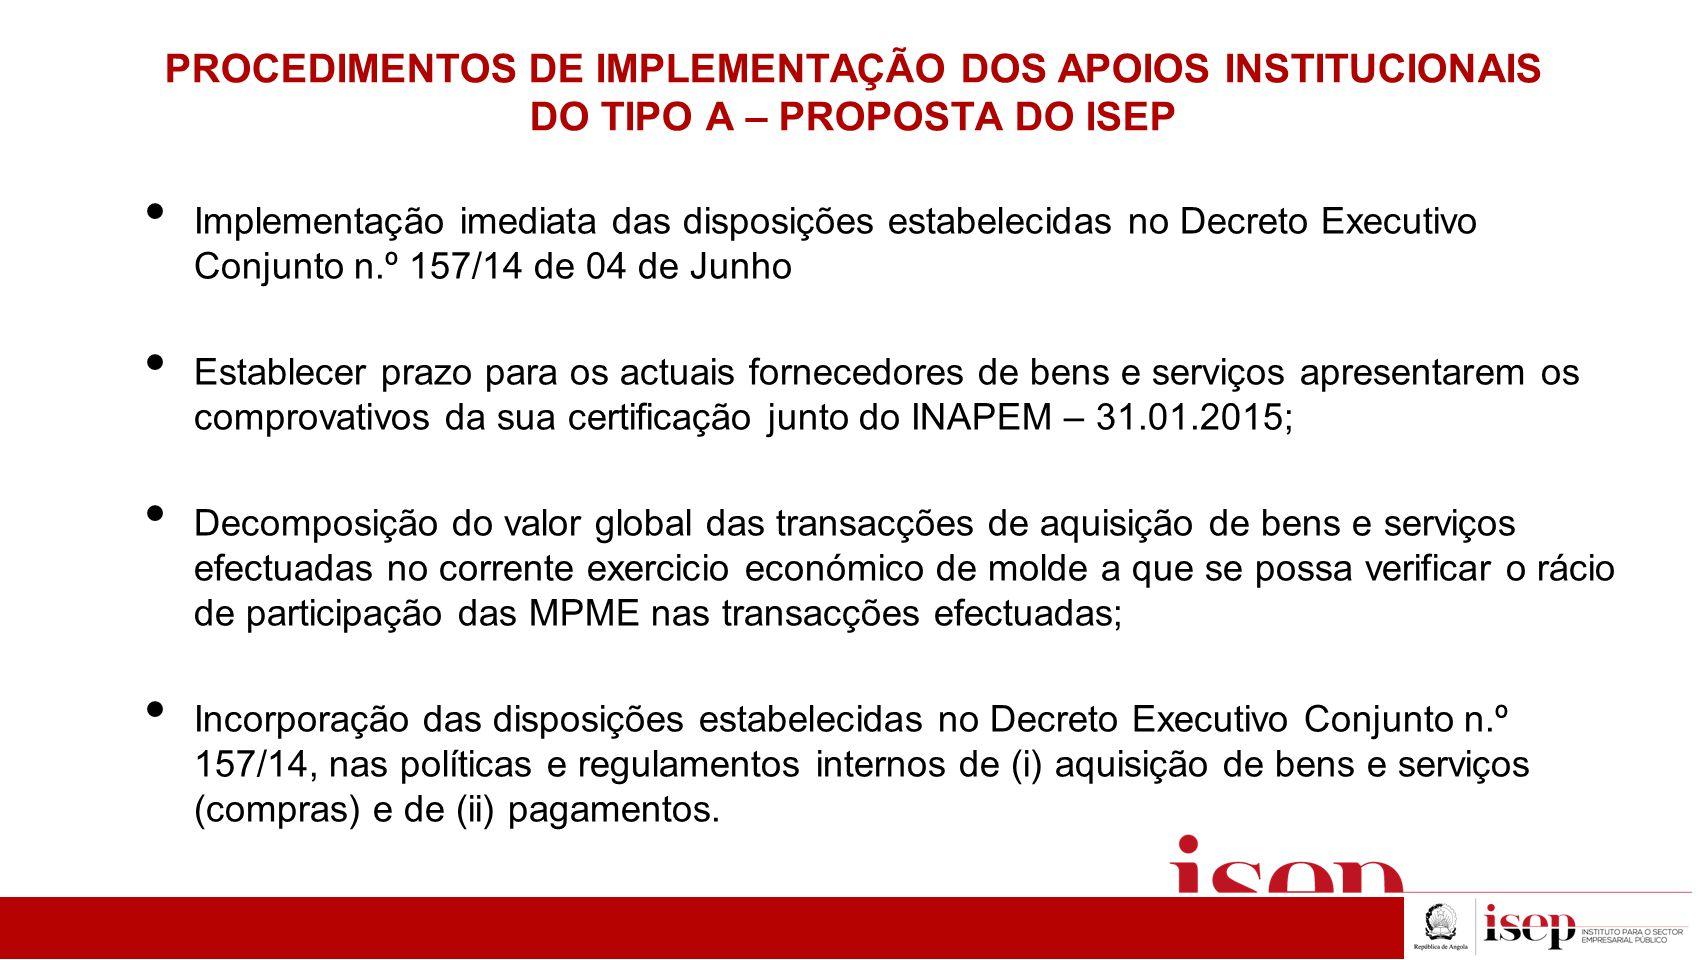 PROCEDIMENTOS DE IMPLEMENTAÇÃO DOS APOIOS INSTITUCIONAIS DO TIPO A – PROPOSTA DO ISEP Implementação imediata das disposições estabelecidas no Decreto